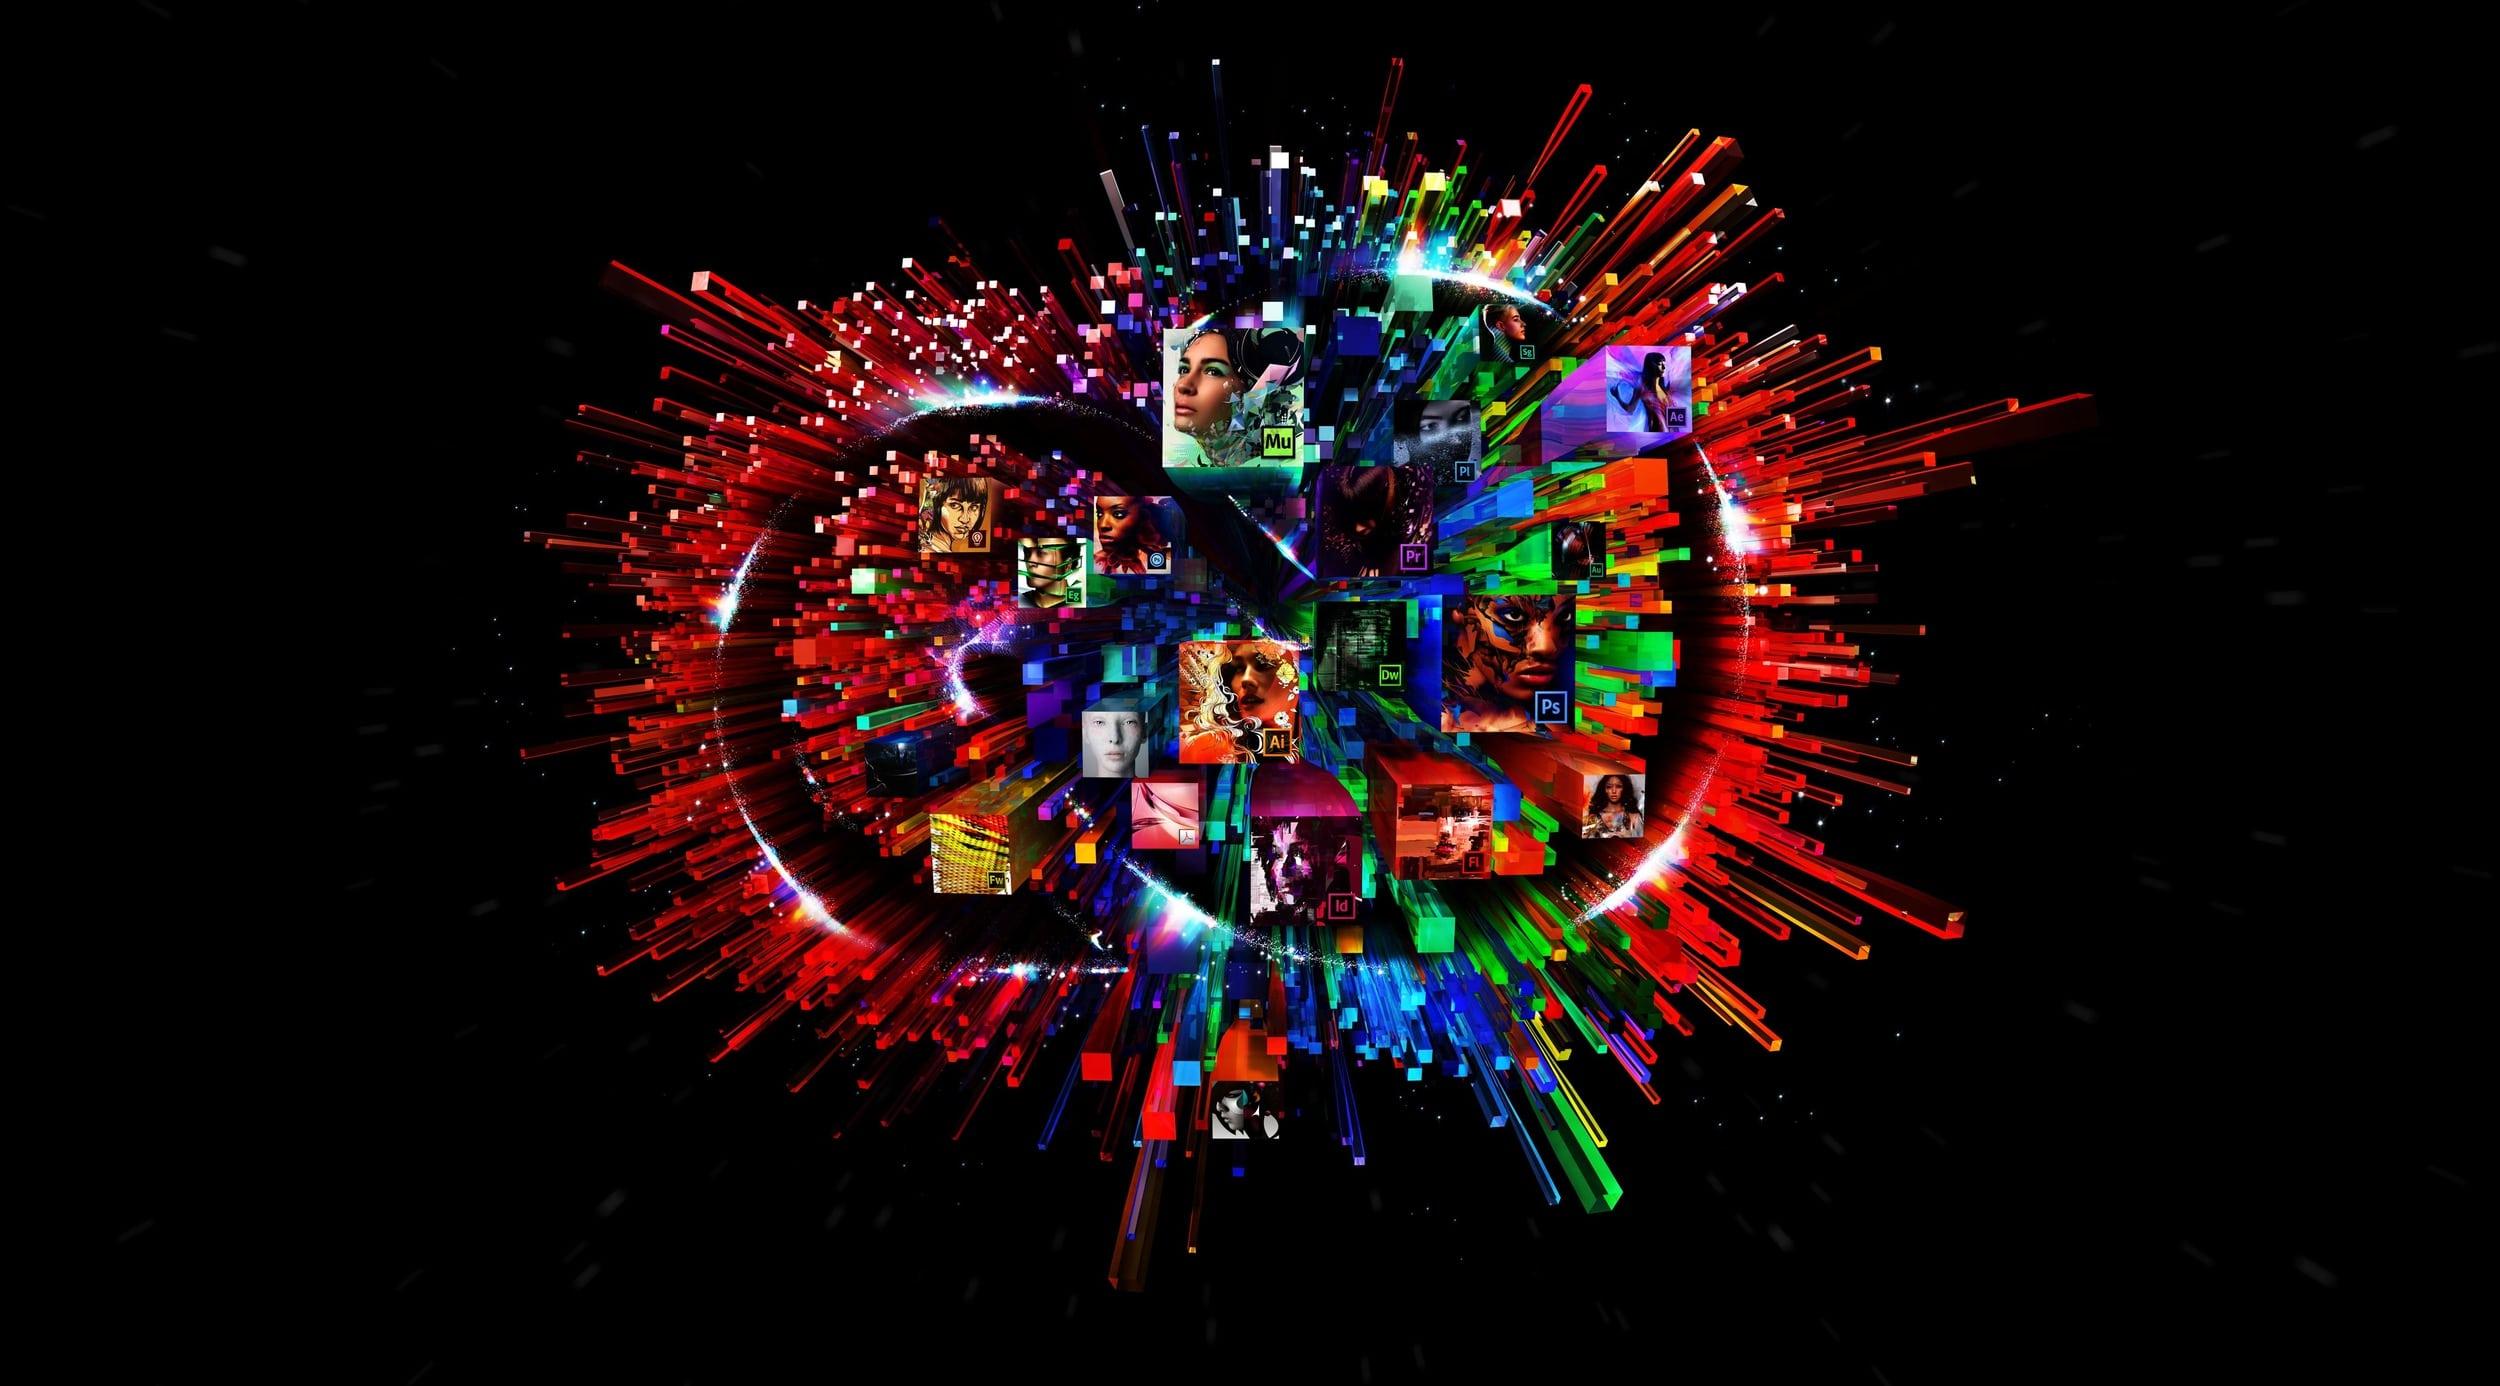 Karantiini ajal pakub Adobe Creative Cloudi 2-kuulist tellimust [atualizado]